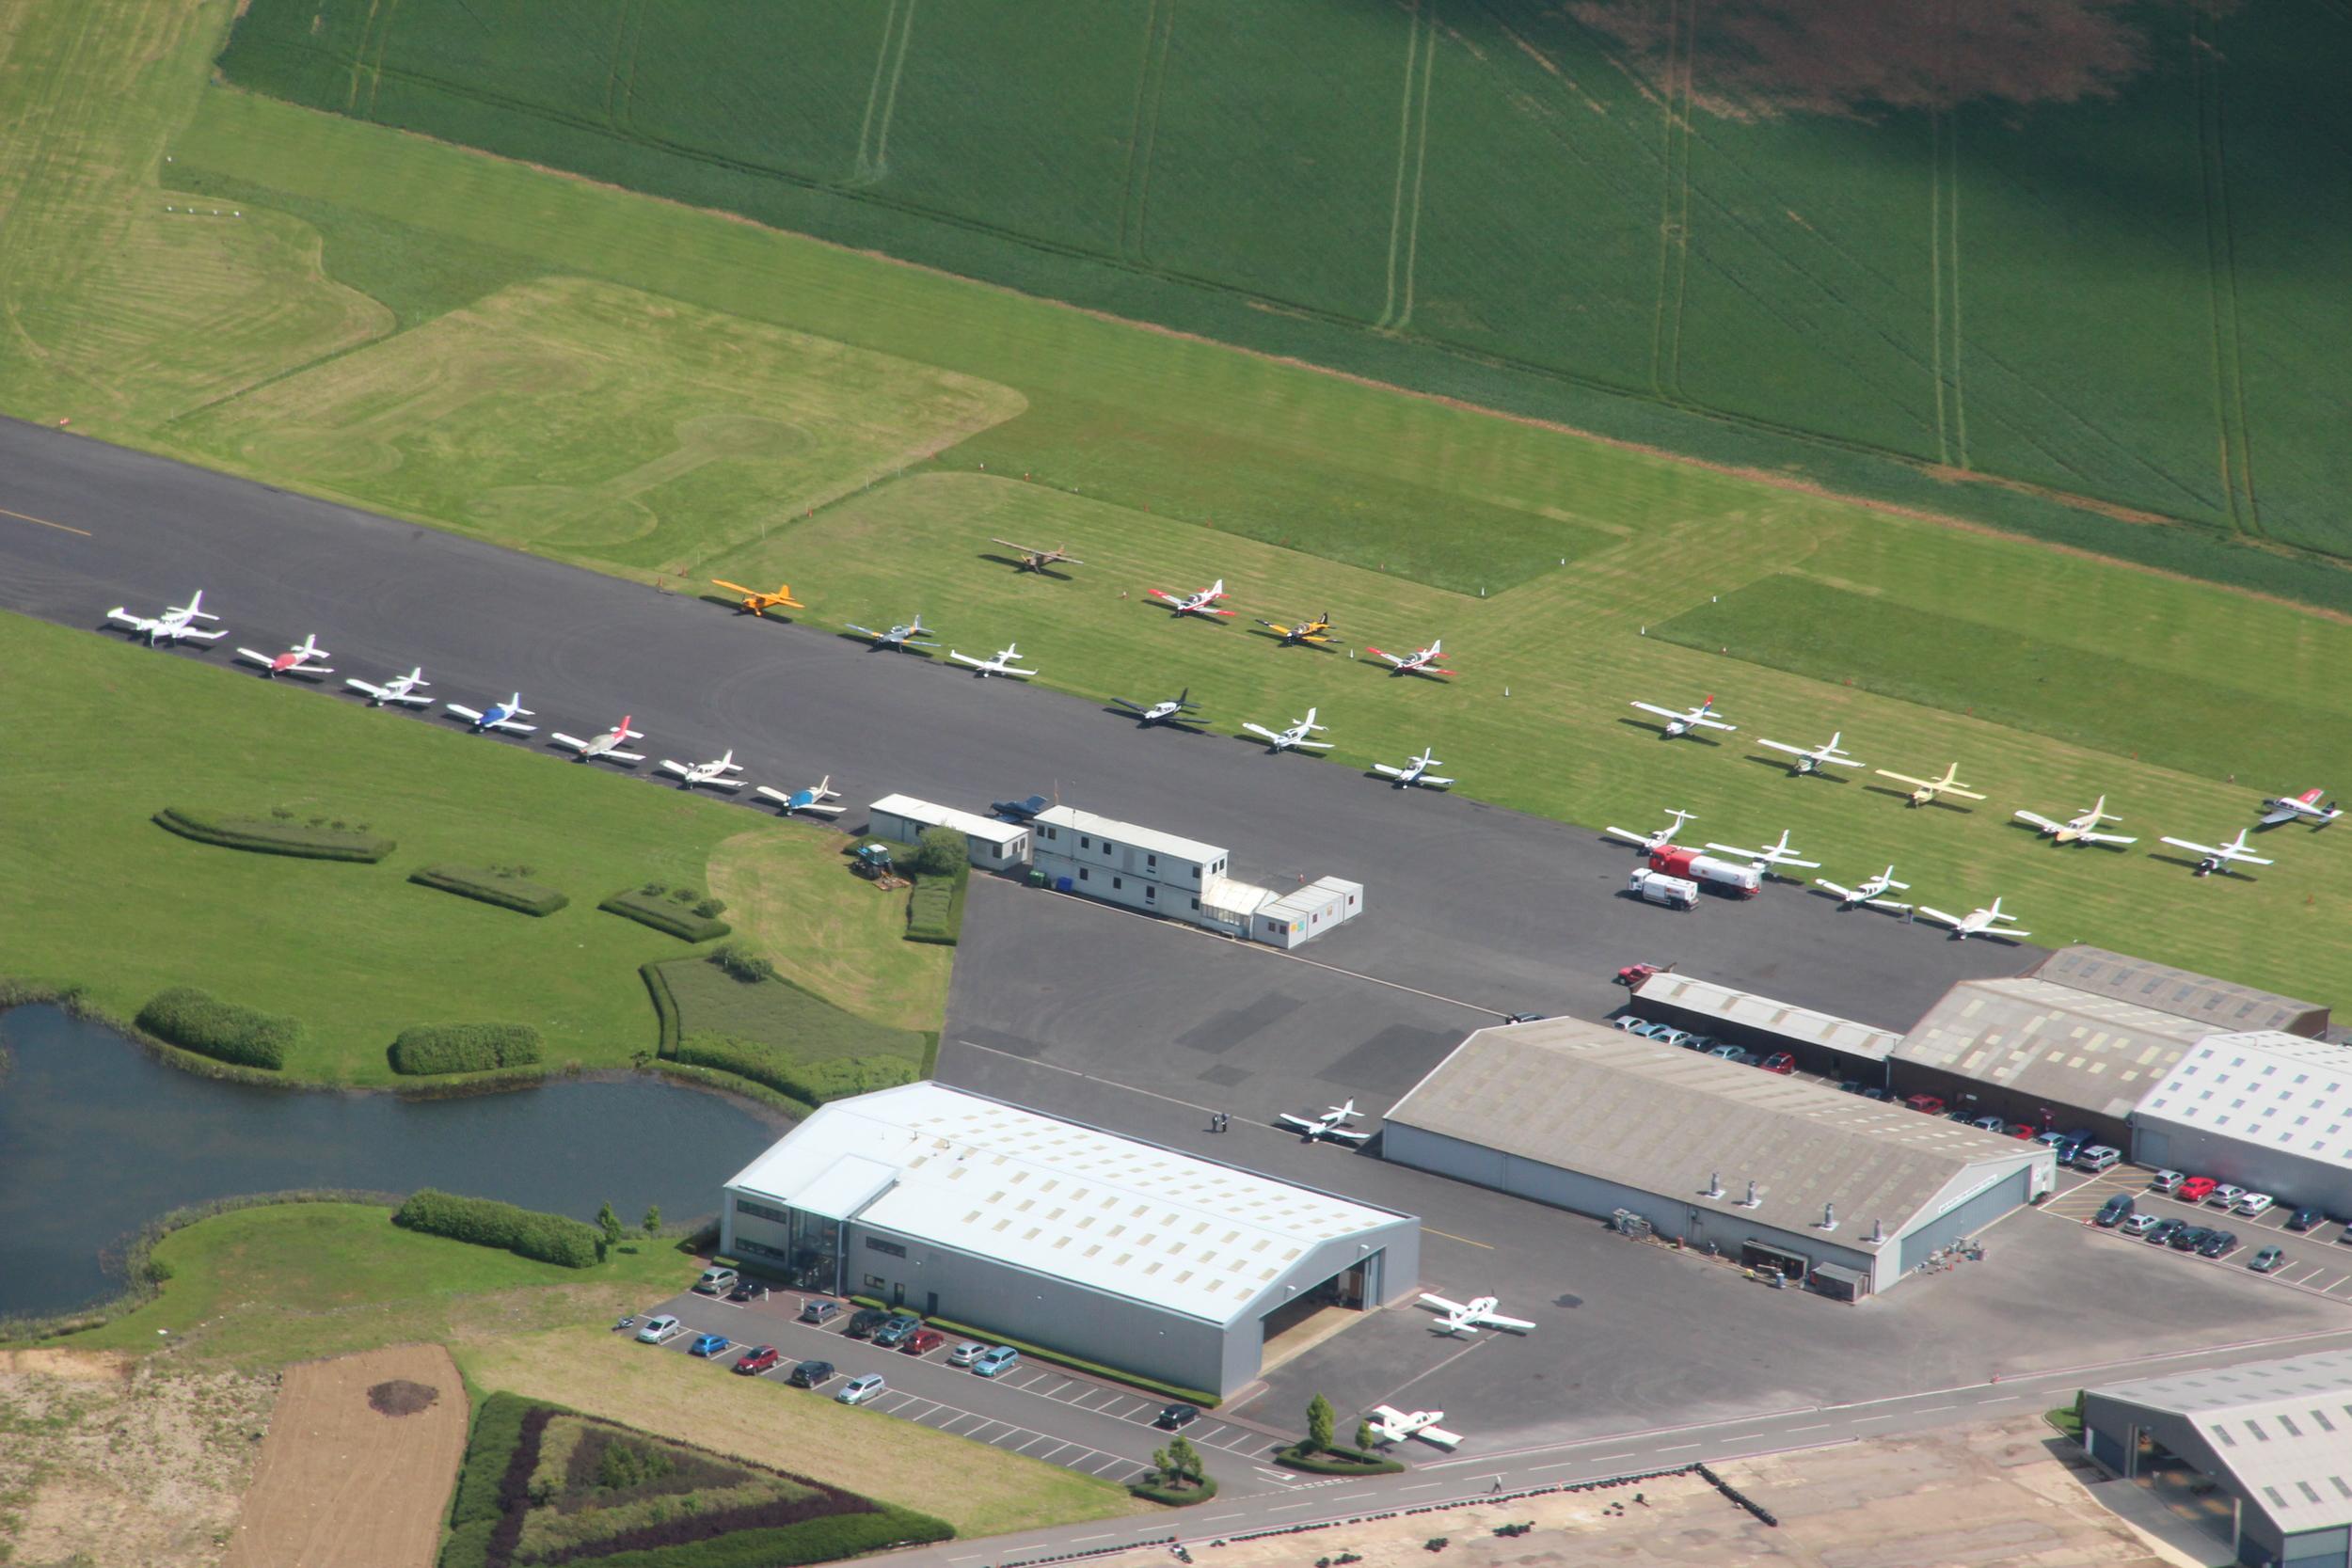 Photos of the aerodrome